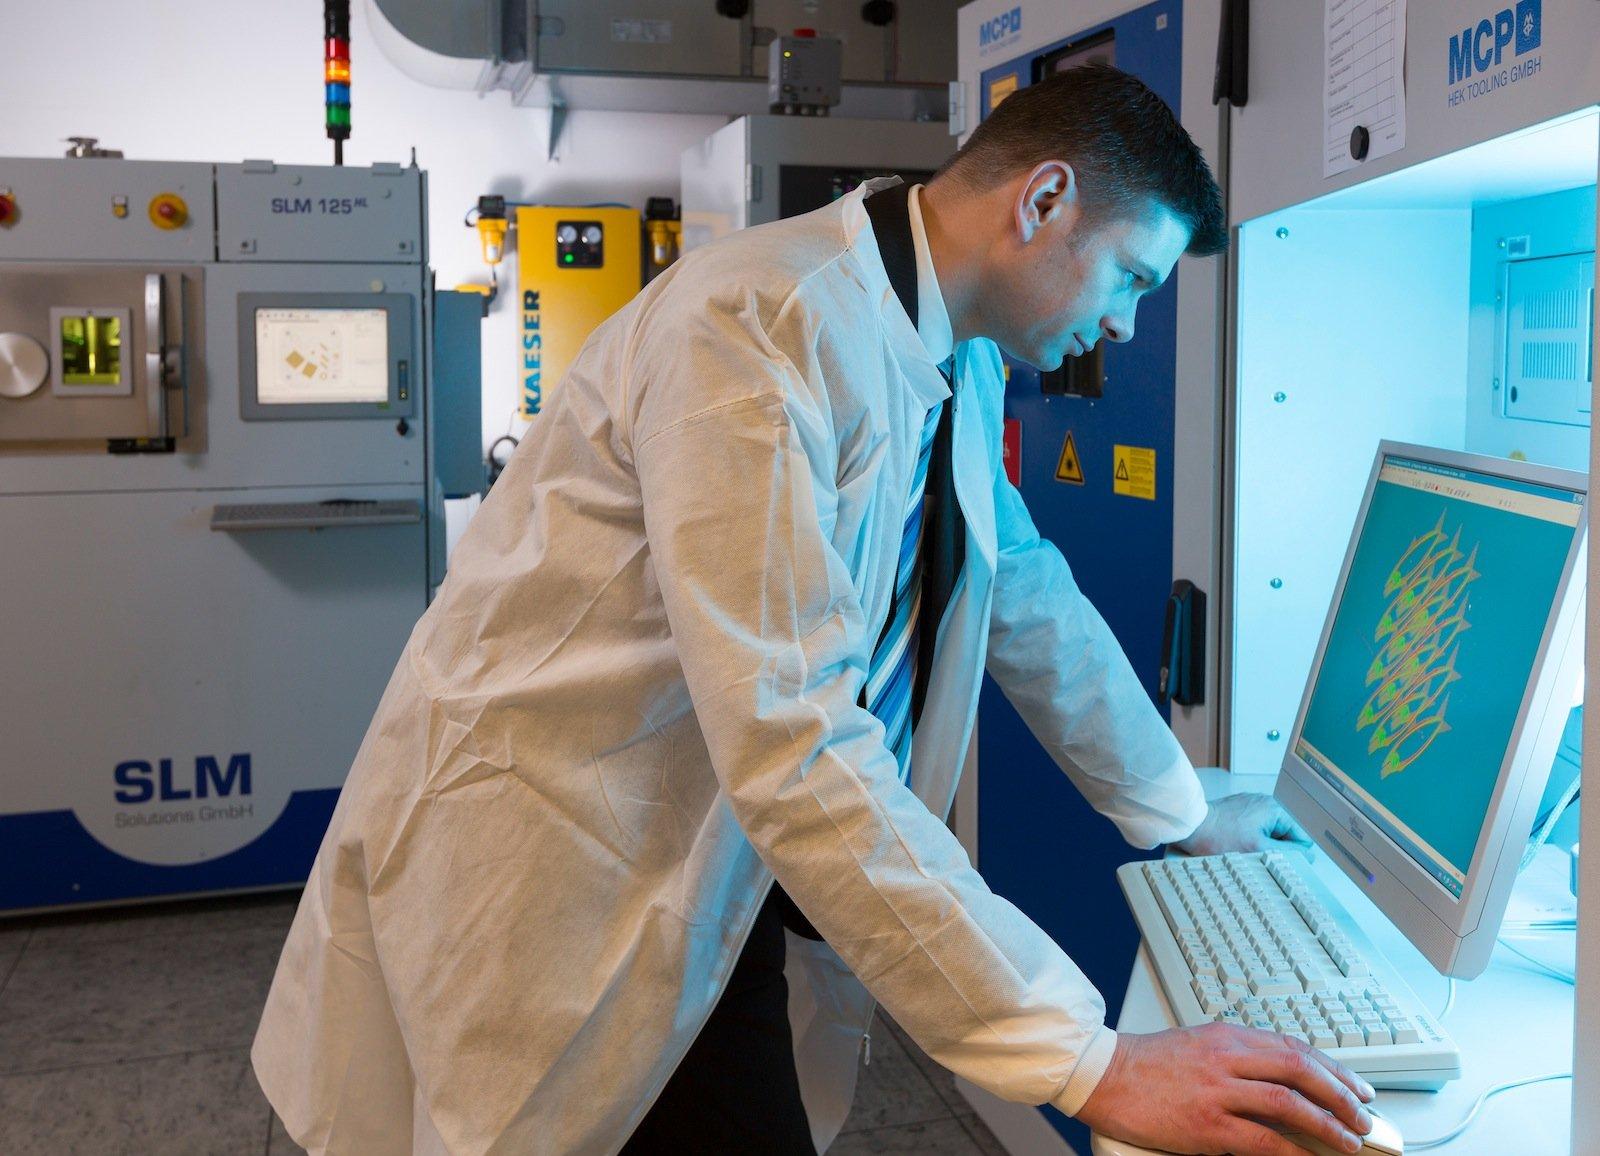 Olaf Rehme analysiert ein CAD-Modell für sein nächstes Druck-Objekt.